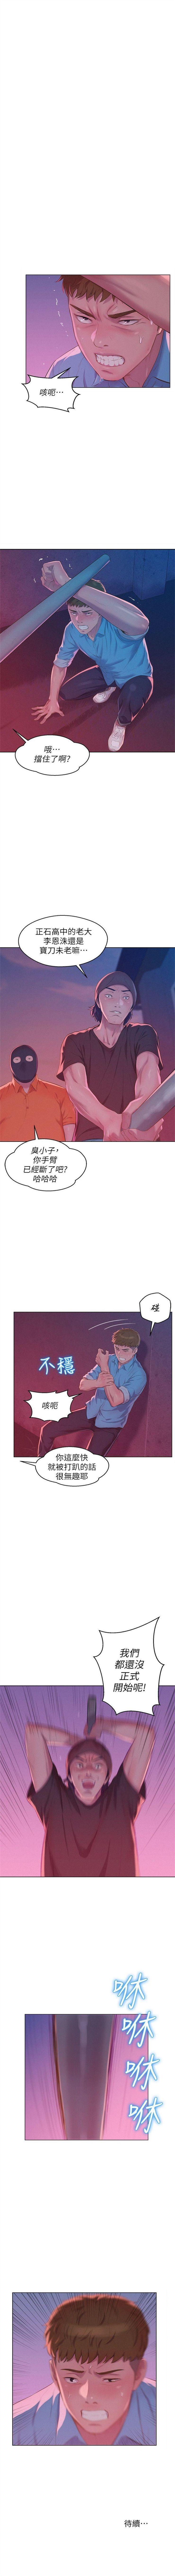 新生淫乱日记 1-61完结(中文) 279